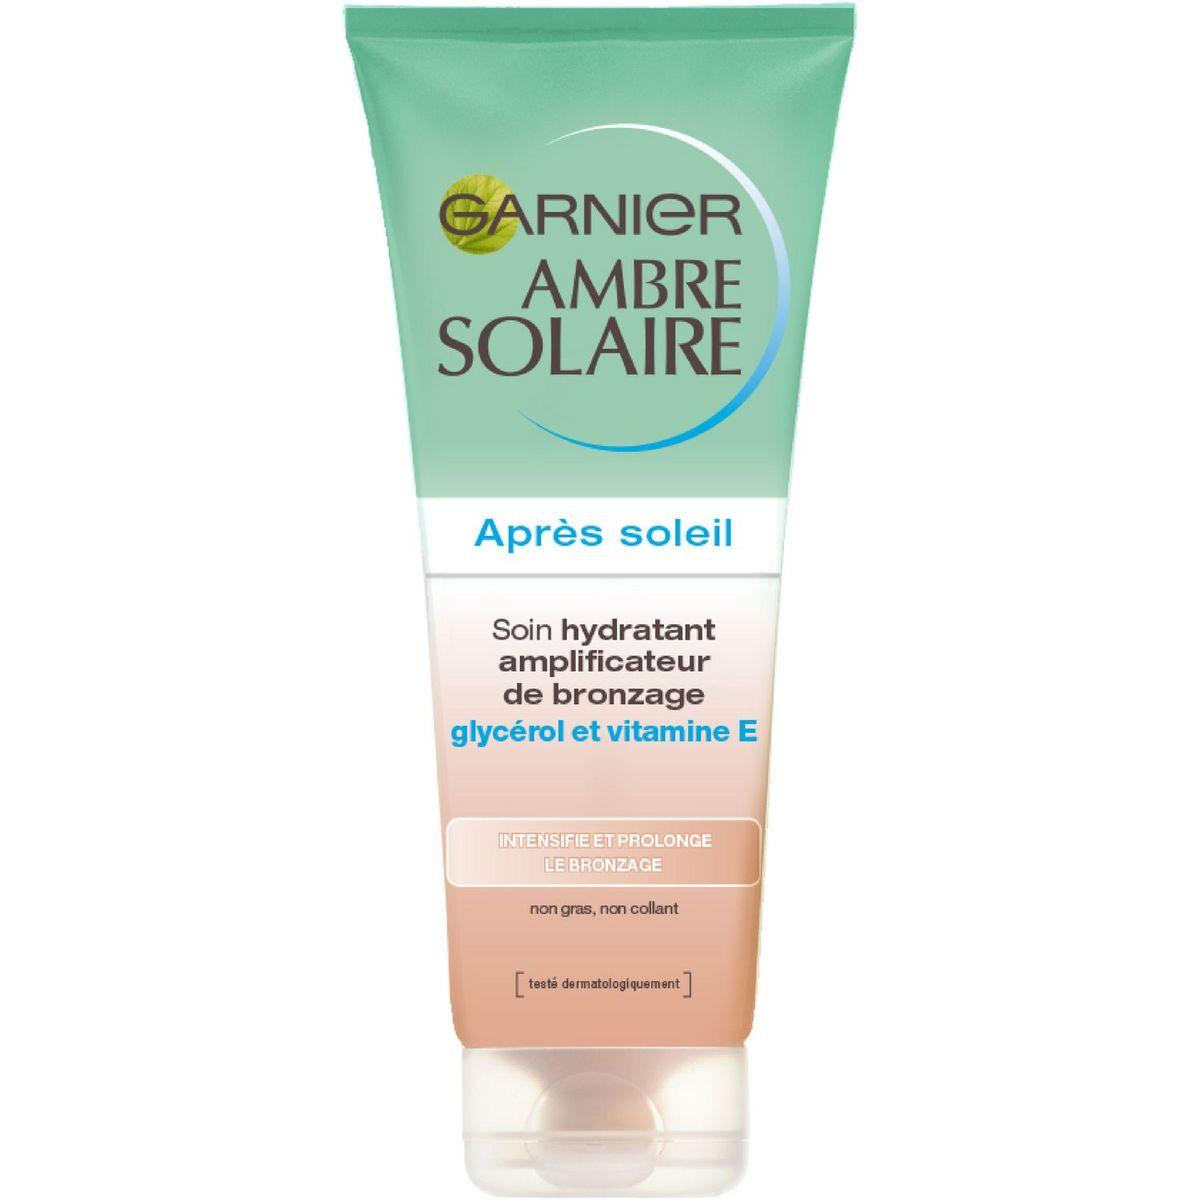 Garnier Ambre Solaire soin après soleil amplificateur de bronzage 200ml